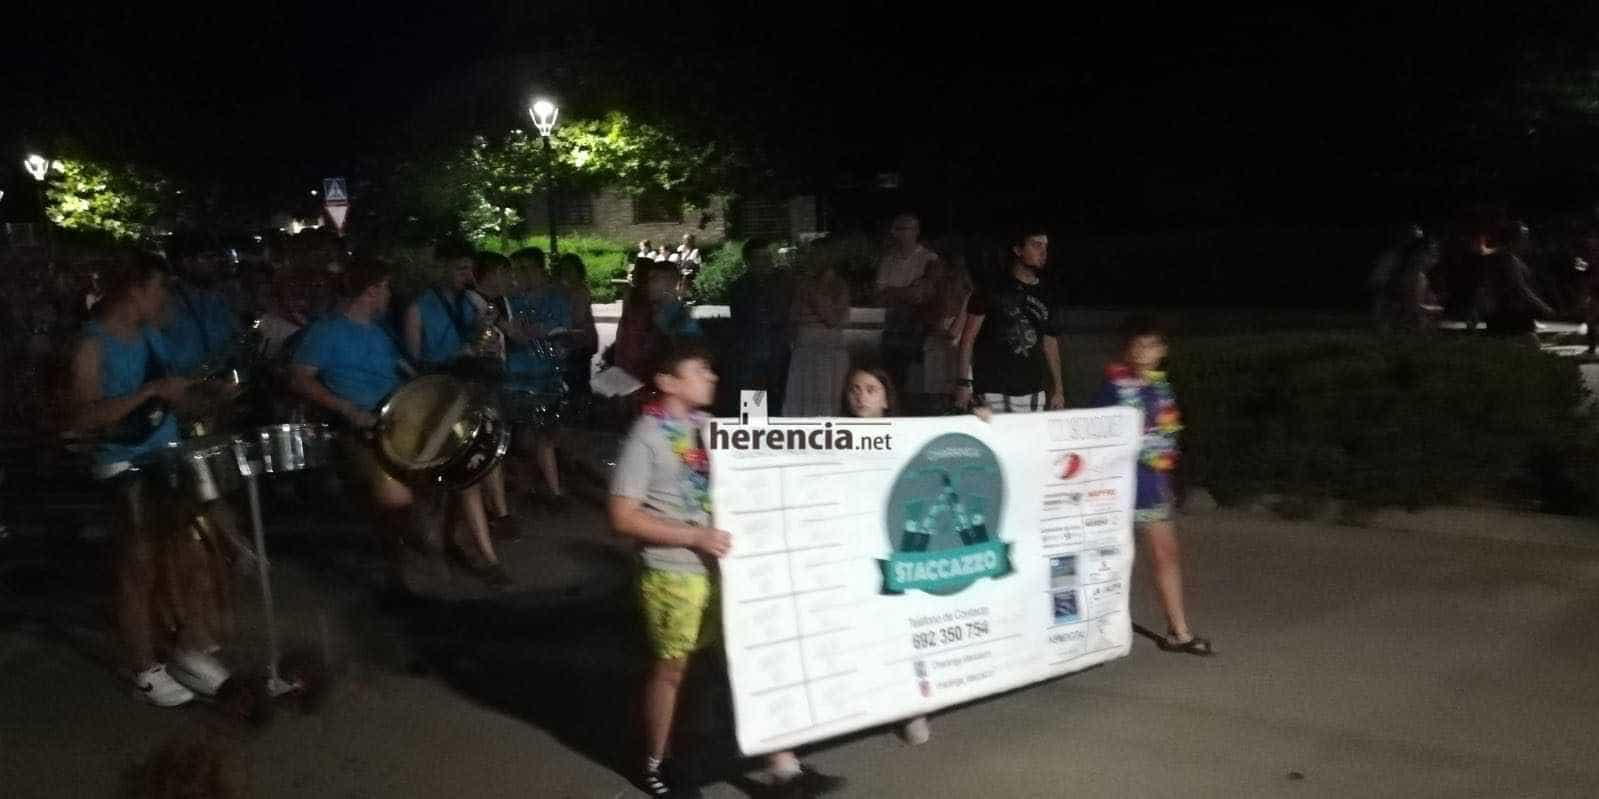 Carnaval de herencia 2019 galeria 48 - Galería de fotografías del Carnaval de Verano 2019